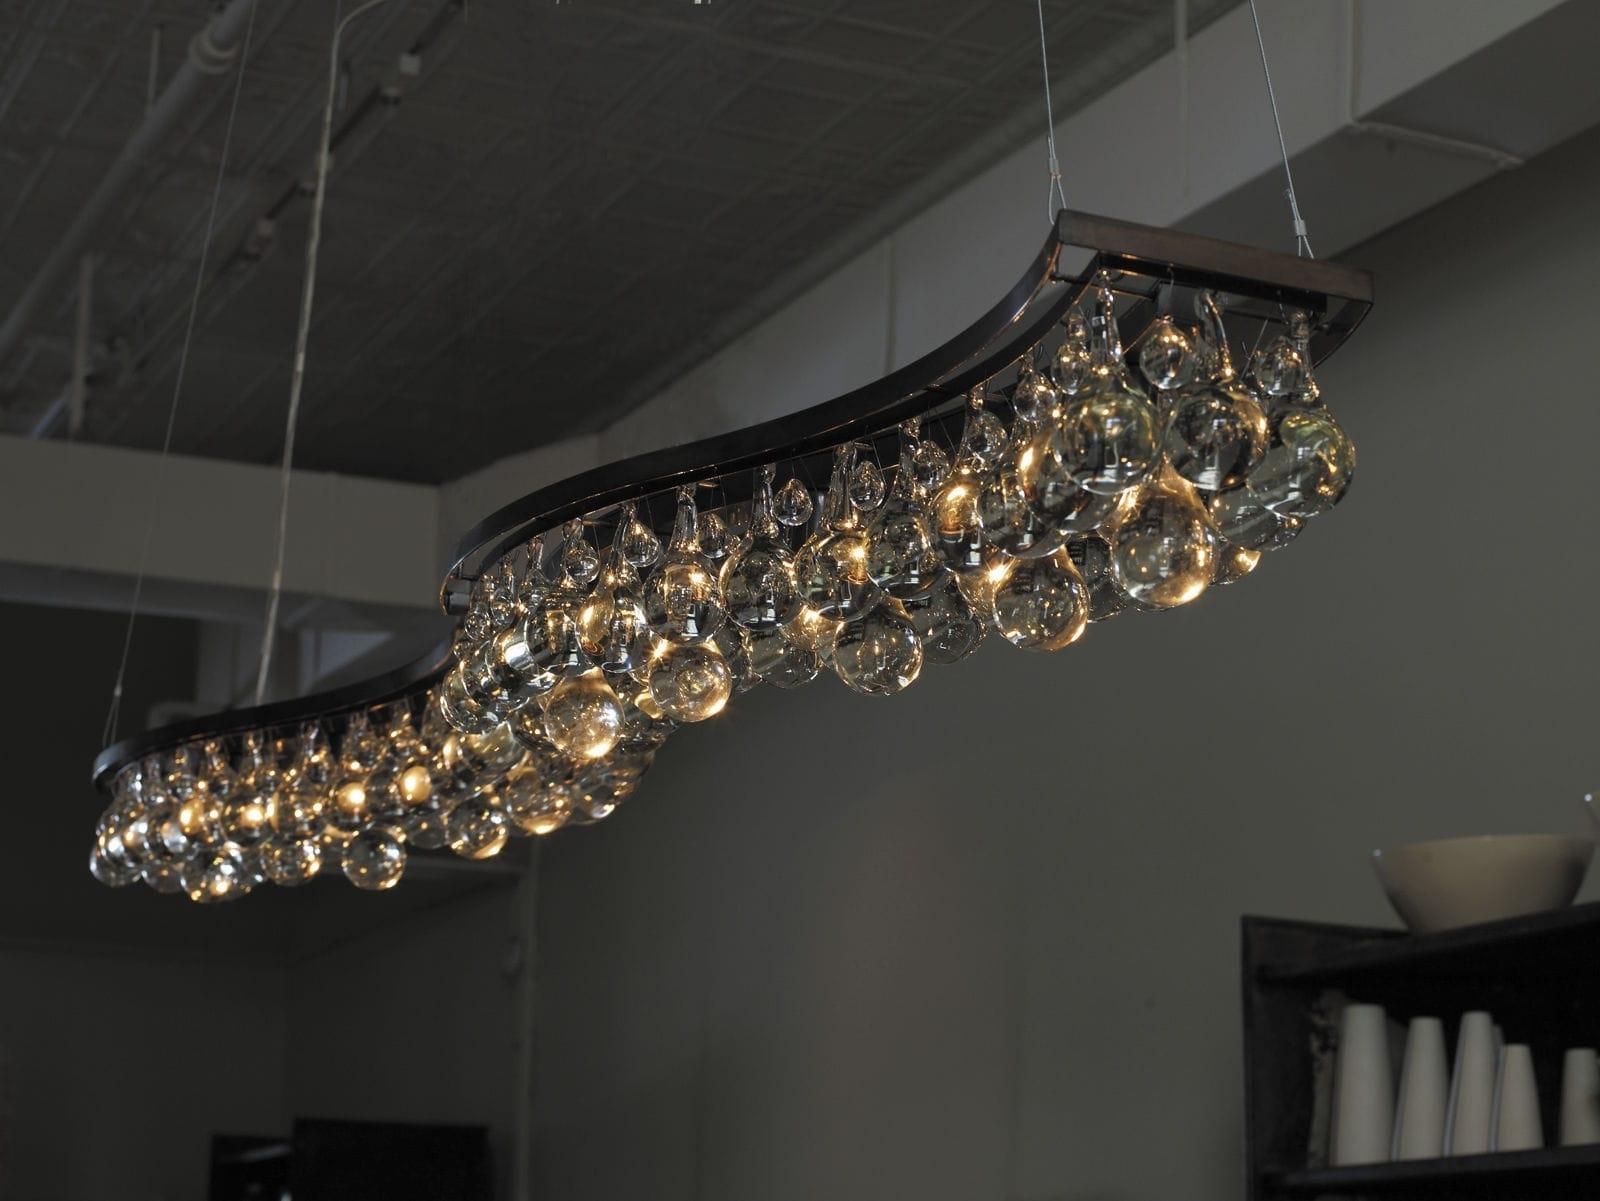 Bronze Modern Chandelier In Recent Contemporary Chandelier / Glass / Nickel / Bronze – Arctic Pear (View 9 of 20)